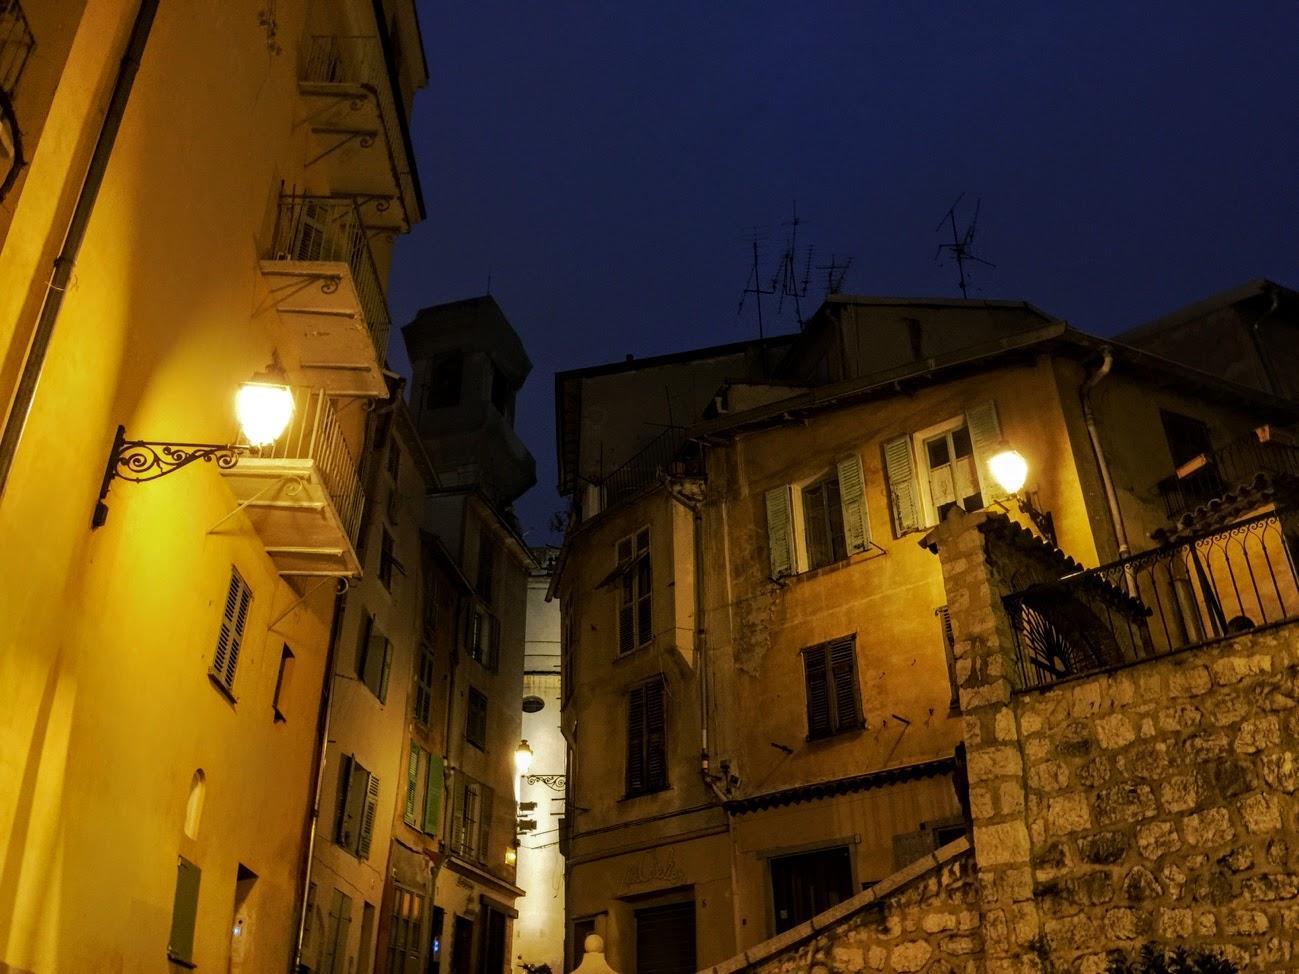 First night walking through Old Town Nice